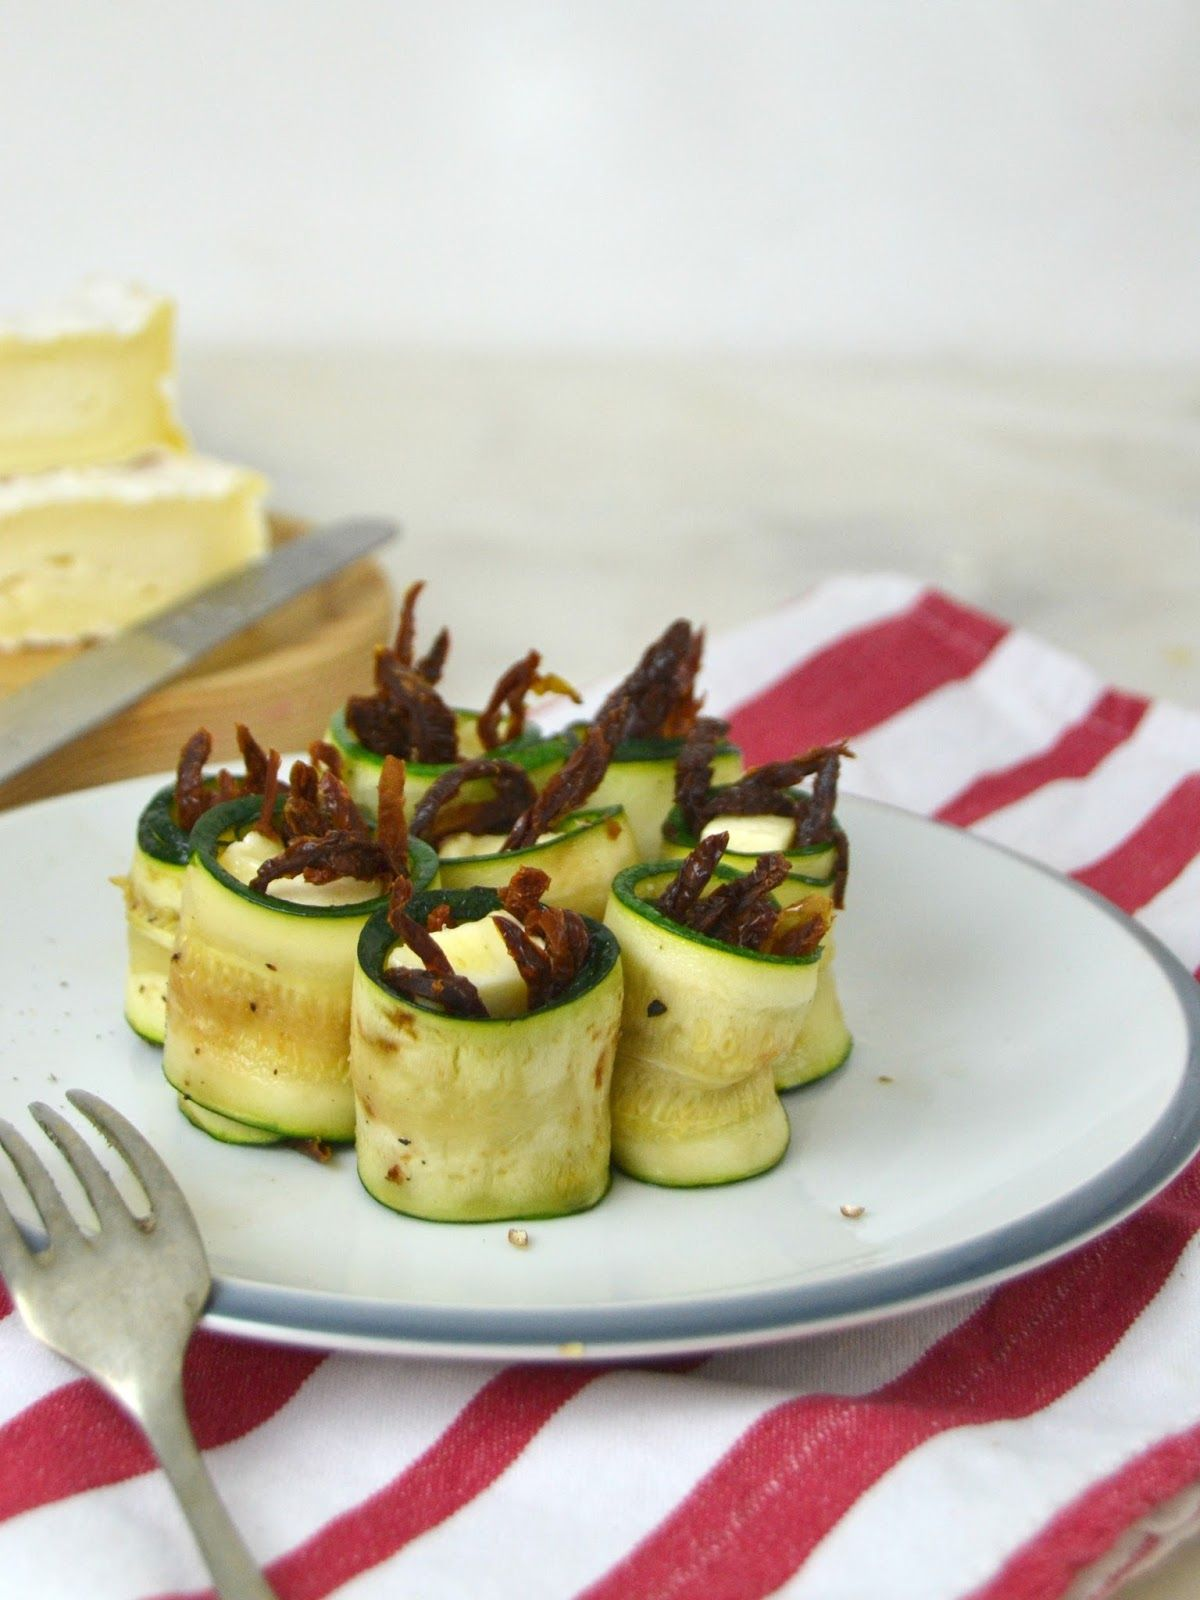 Rollitos de calabacín con queso camembert